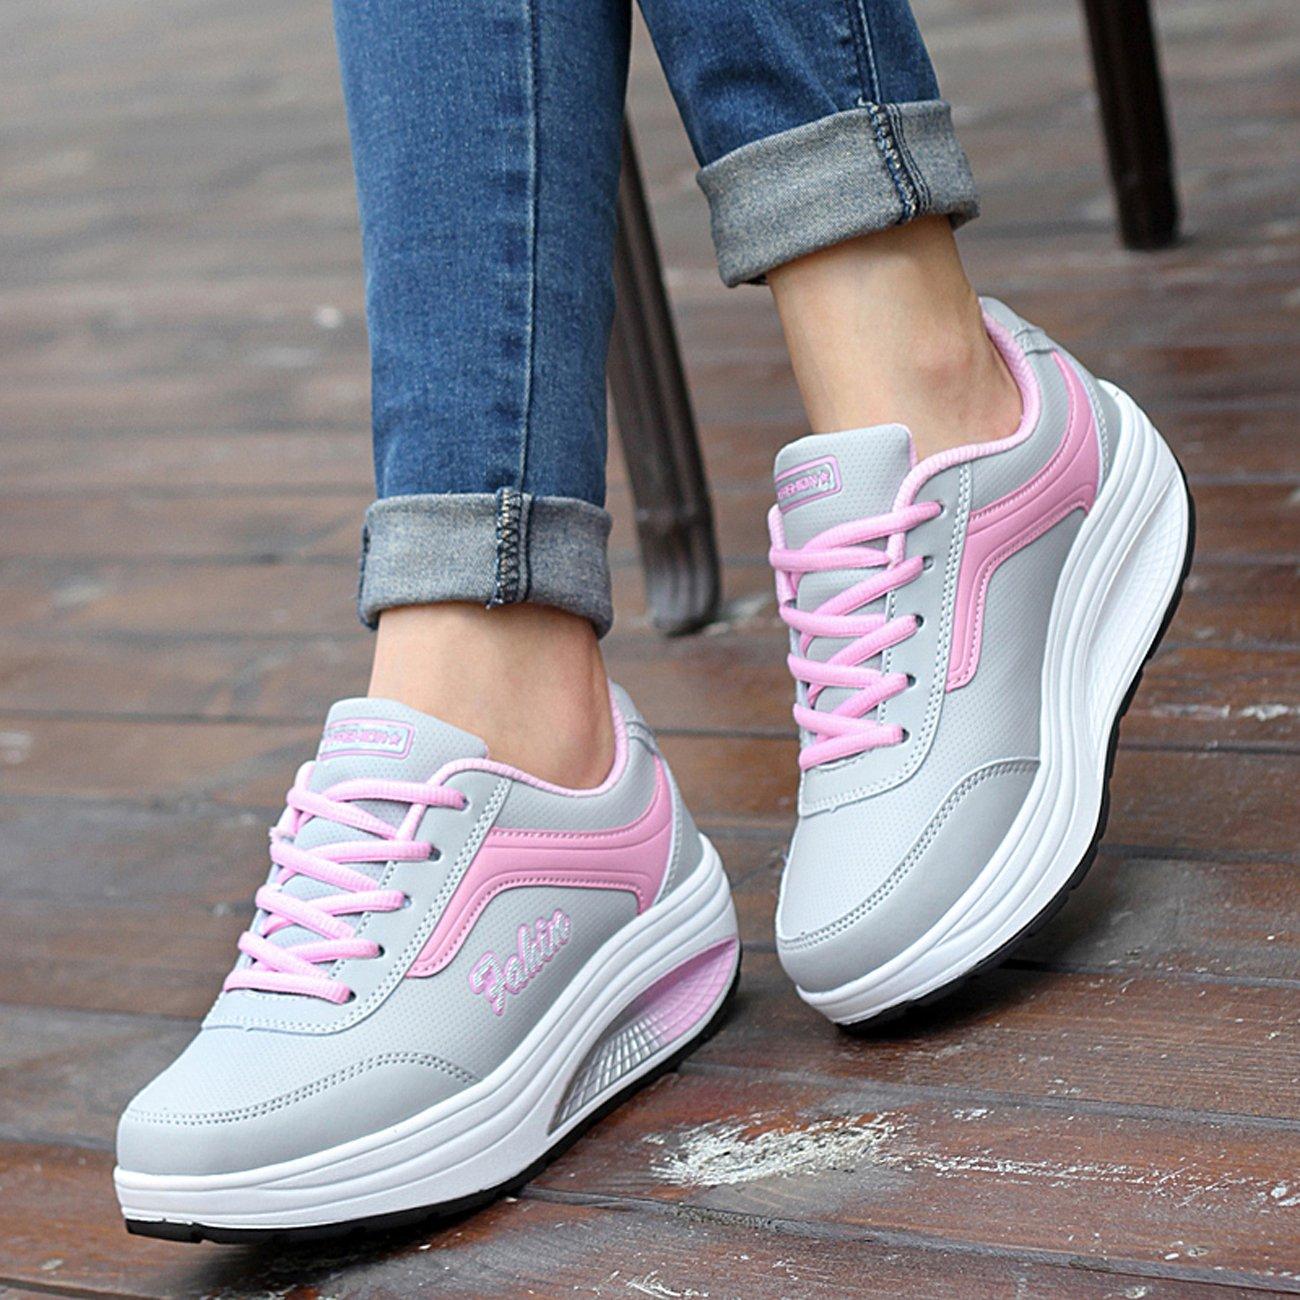 9abcee5af22fe NEWCOLOR Mujeres Primavera Otoño Moda Transpirable con Cordones Zapatos De Balancín  Zapatos Deportivos Ocasionales  Amazon.es  Zapatos y complementos